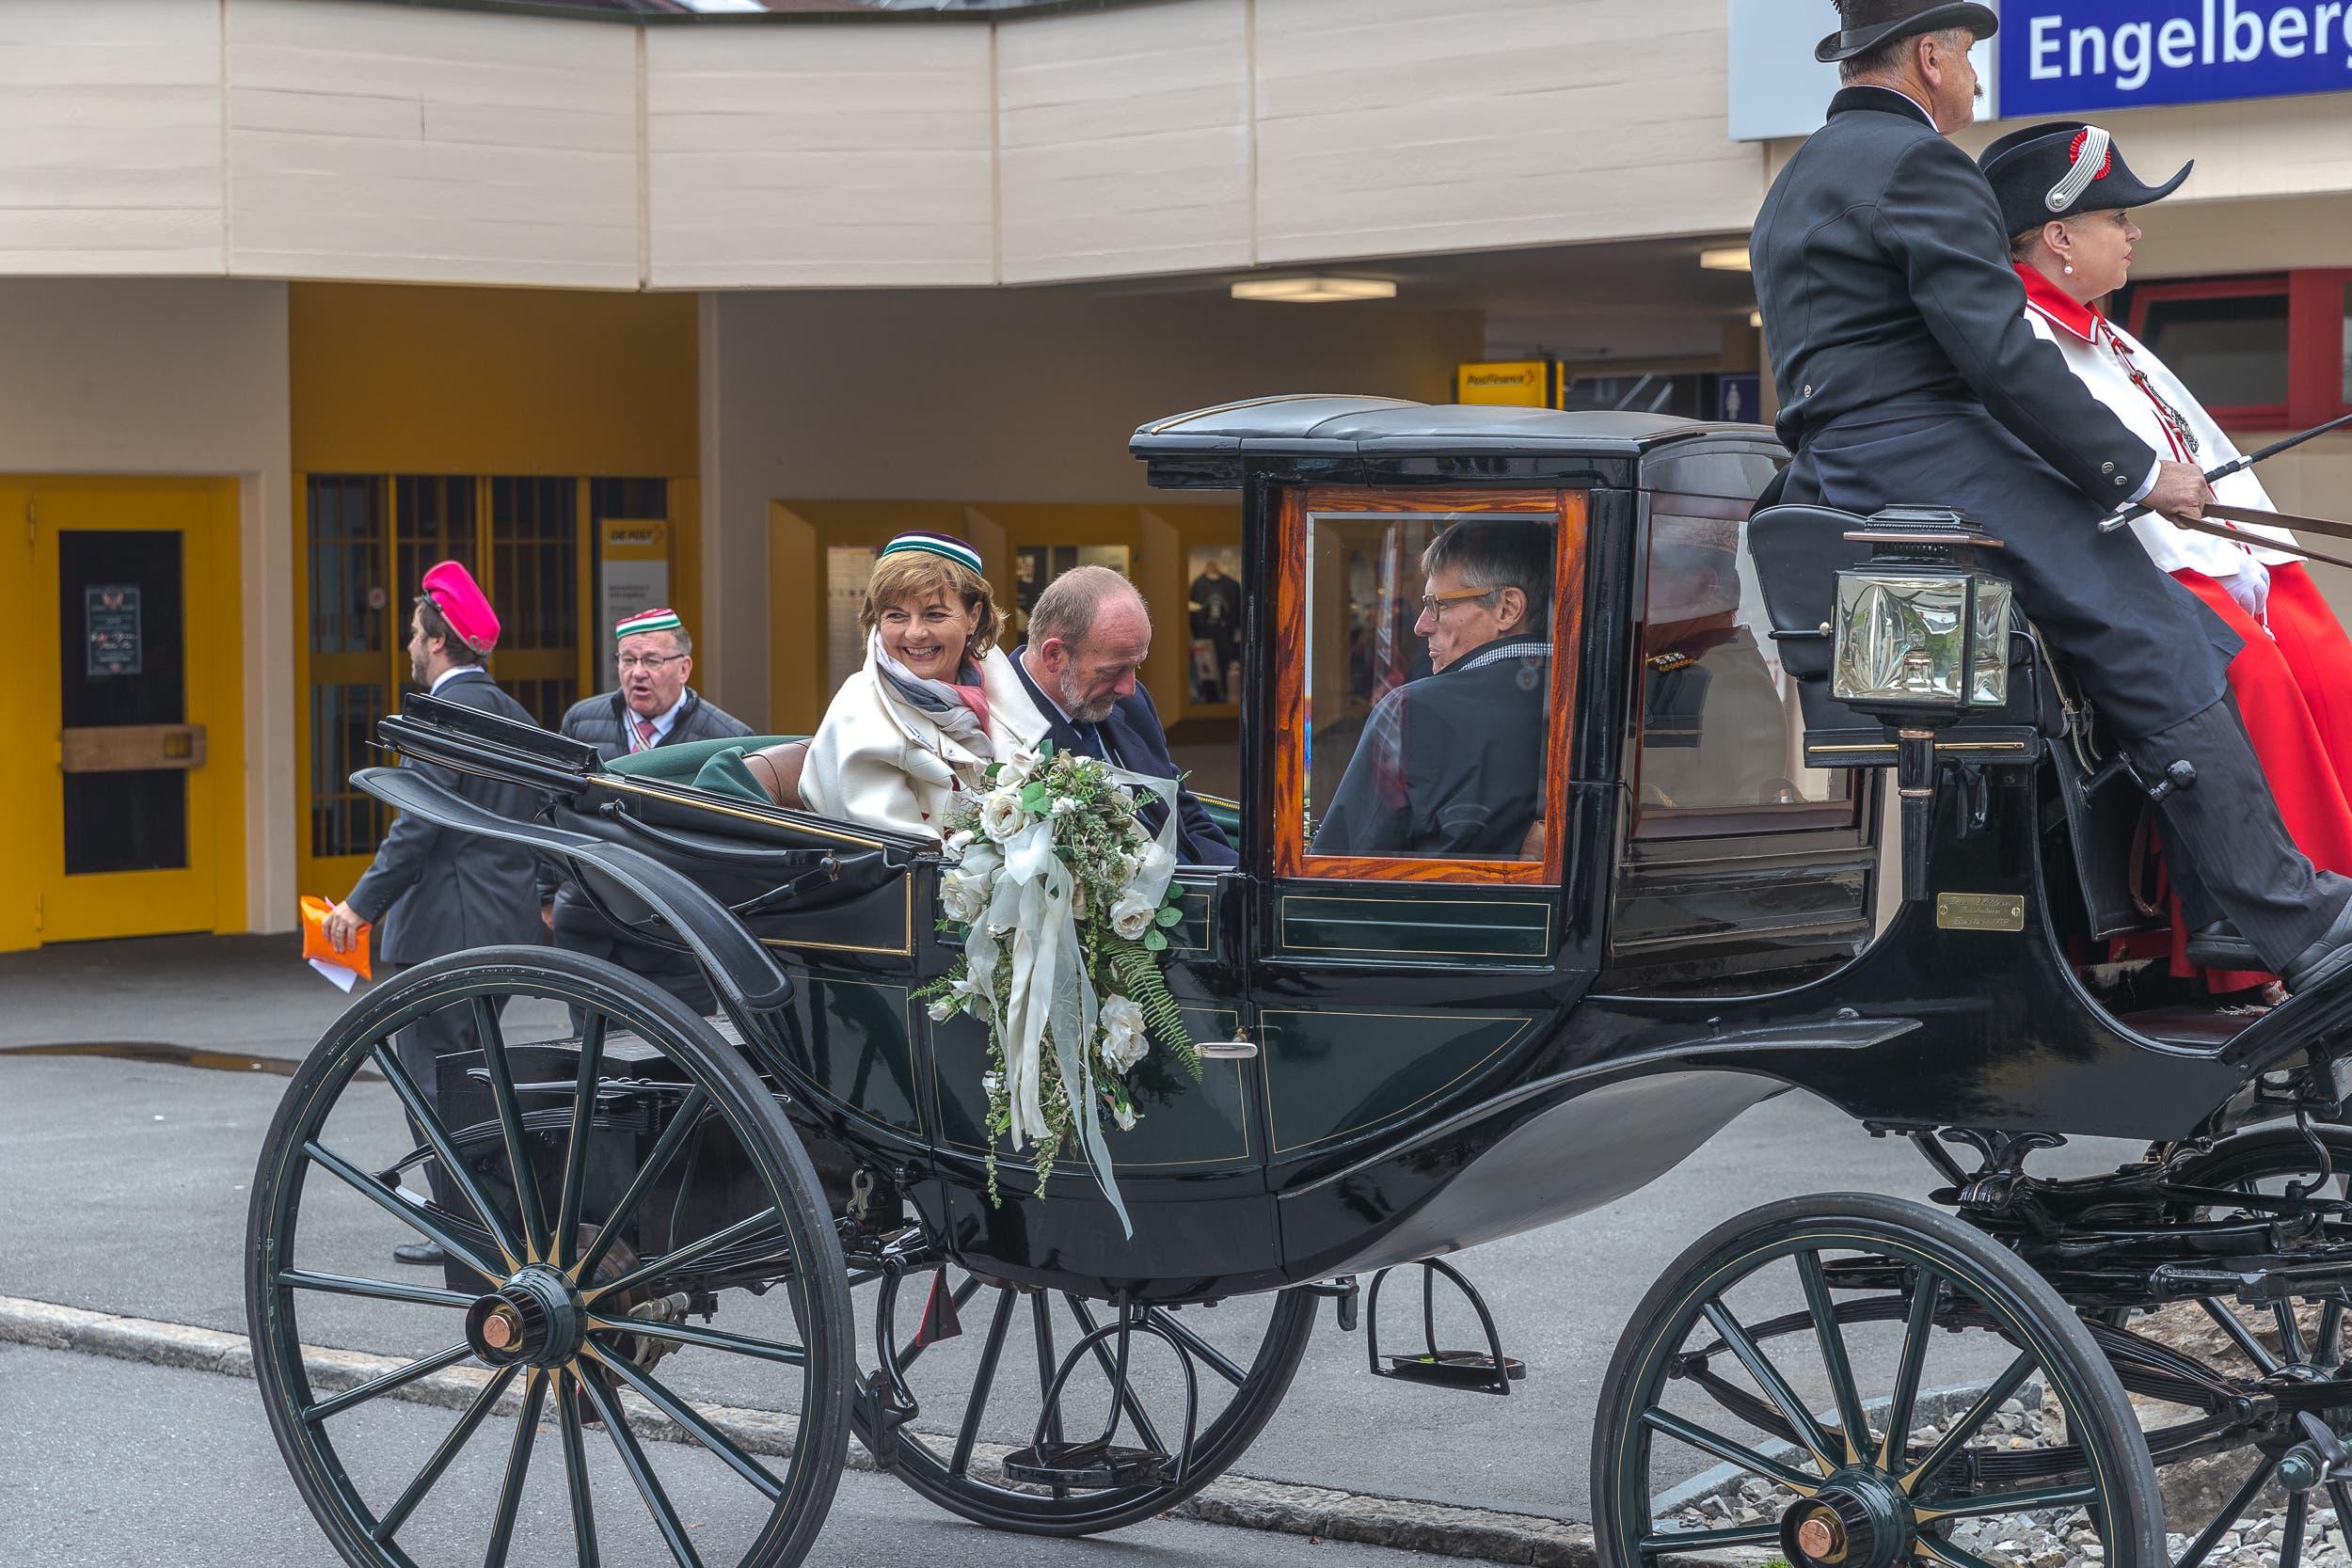 Alt Bundesrätin Ruth Metzler war ebenfalls in Engelberg anzutreffen. Ihr Gegenüber sitzt der Obwaldner Nationalrat Karl Vogler. (Bilder: Daniel Lüthi, Engelberg, 2. September 2018)